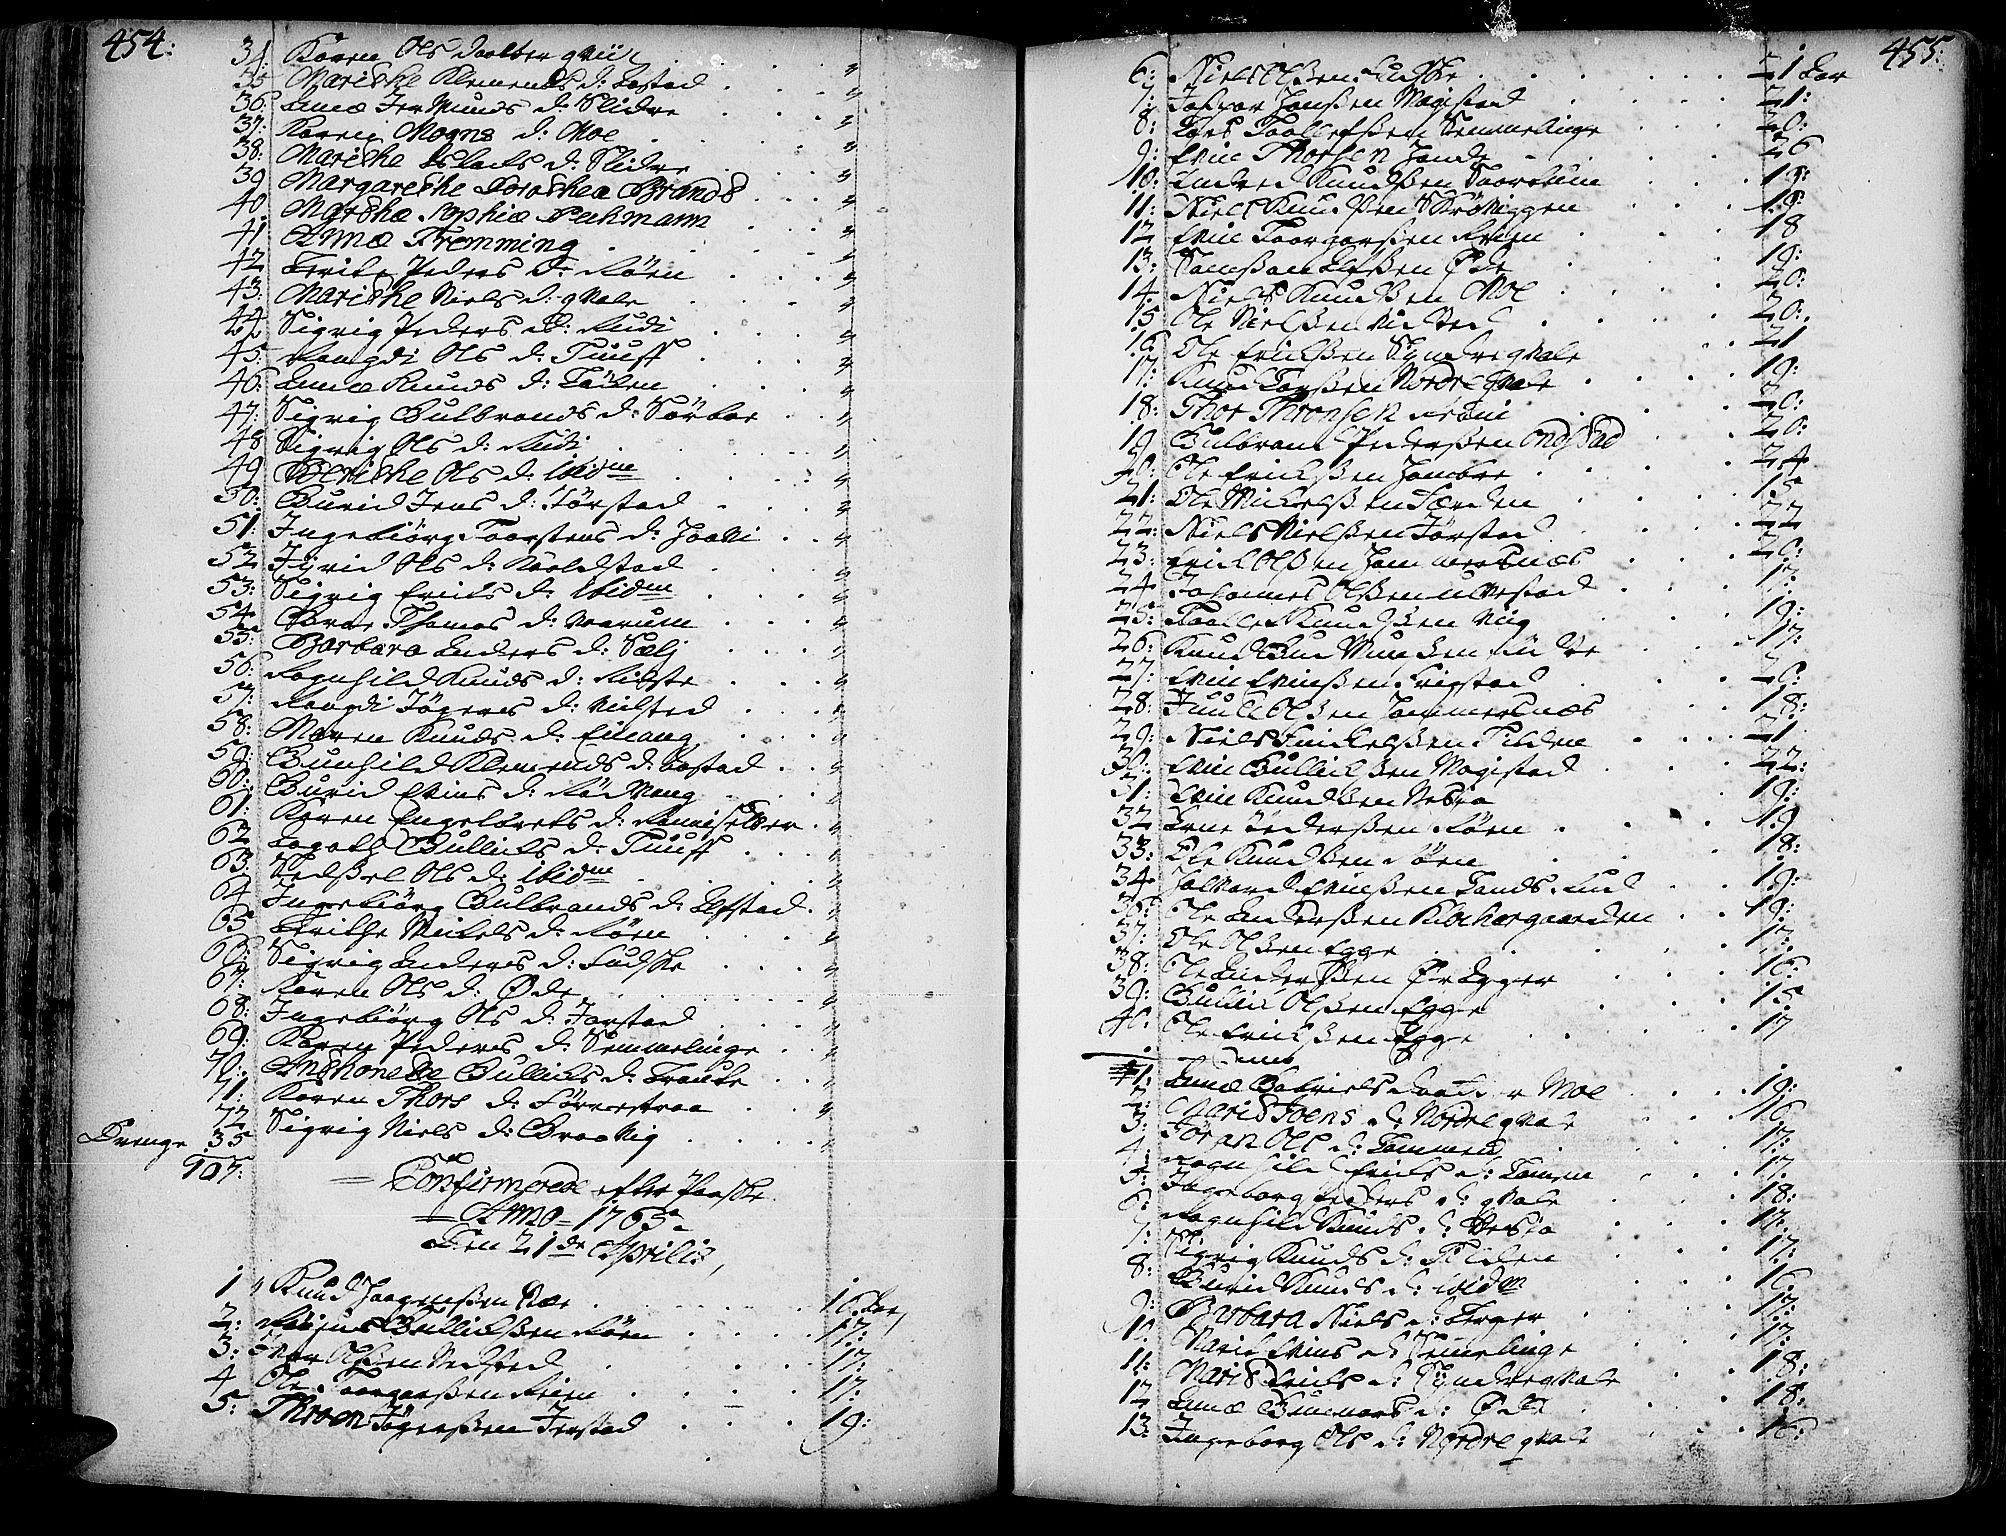 SAH, Slidre prestekontor, Ministerialbok nr. 1, 1724-1814, s. 454-455